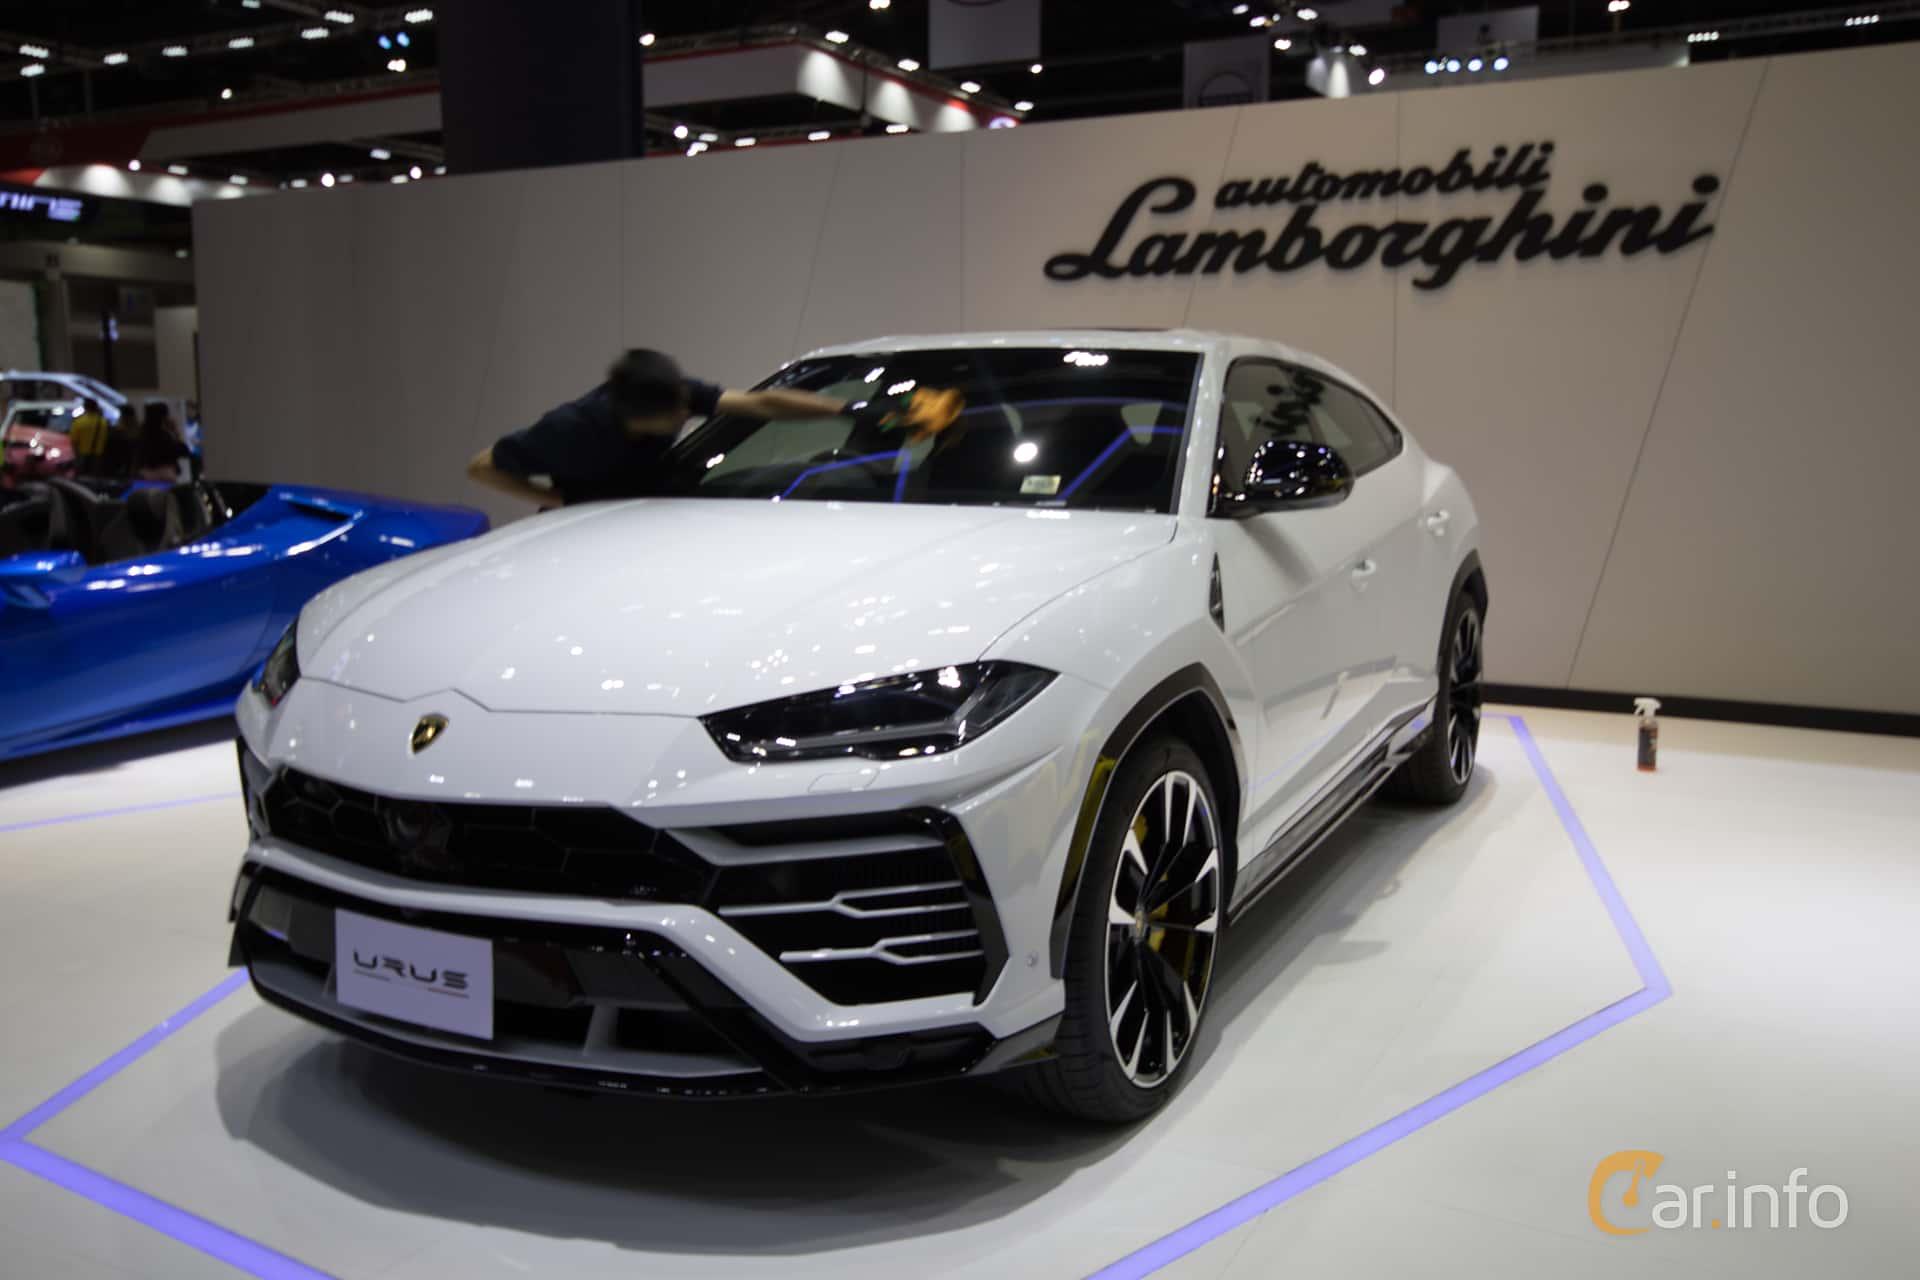 Lamborghini Urus 4.0 V8 AWD Automatic, 650hp, 2019 at Bangkok Motor Show 2019